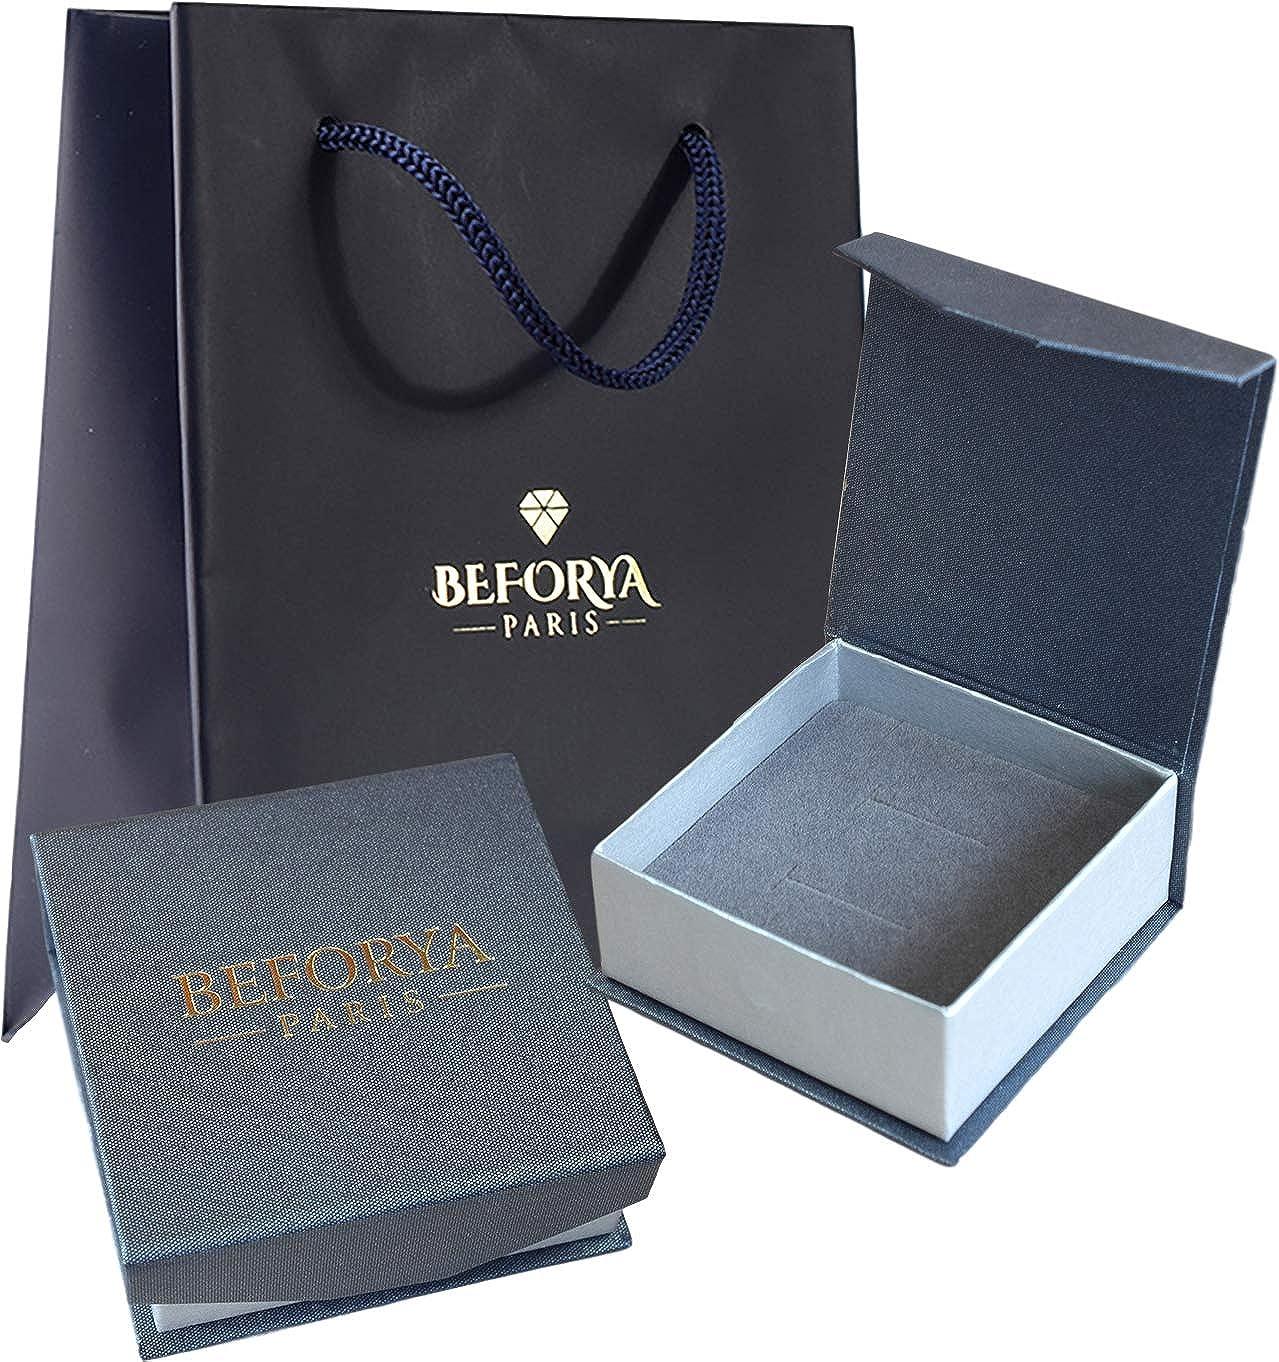 Parure de bijoux en argent 925 pour femme *Peridot Blue AB* *Beforya Paris* * MANDEL* Bijoux avec cristaux Swarovski Elements Boucles doreilles et collier magnifiques avec coffret cadeau BA//39